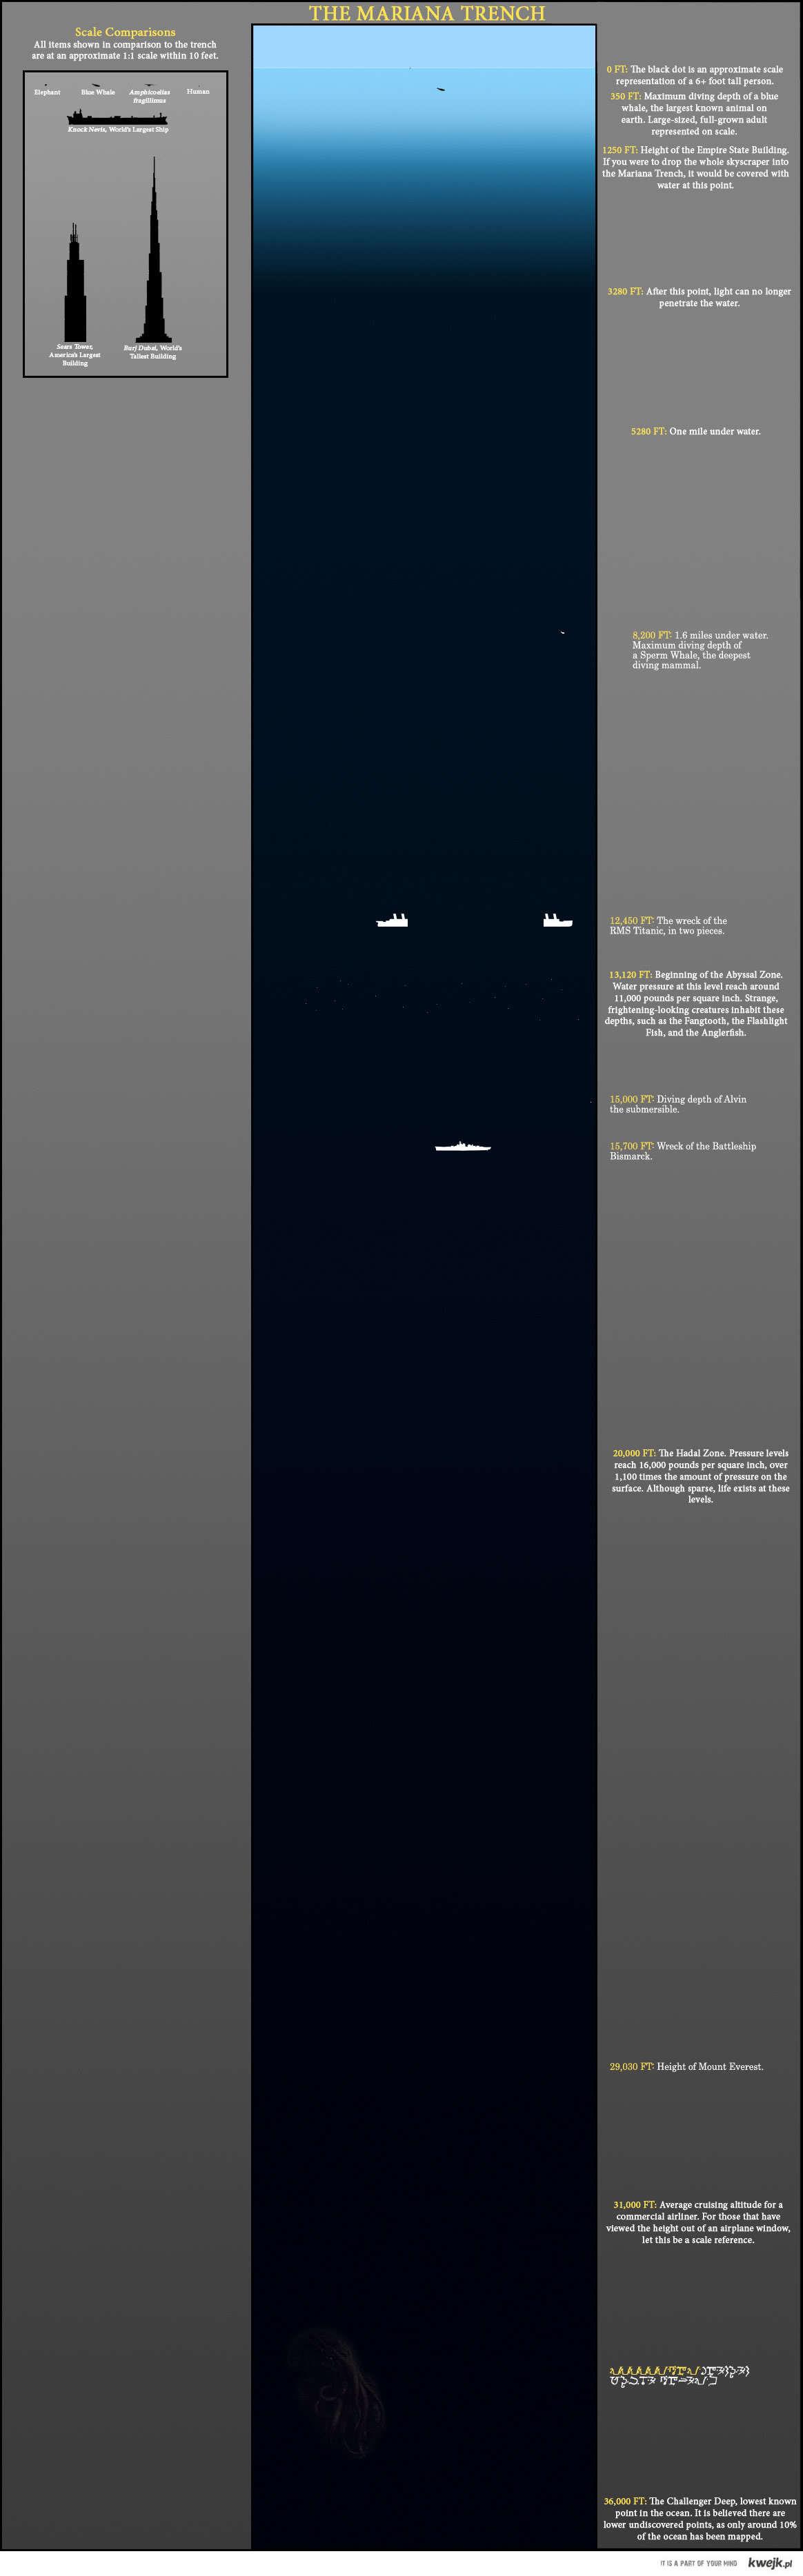 poszczegolne glebokosci rowu marianskiego z opisem